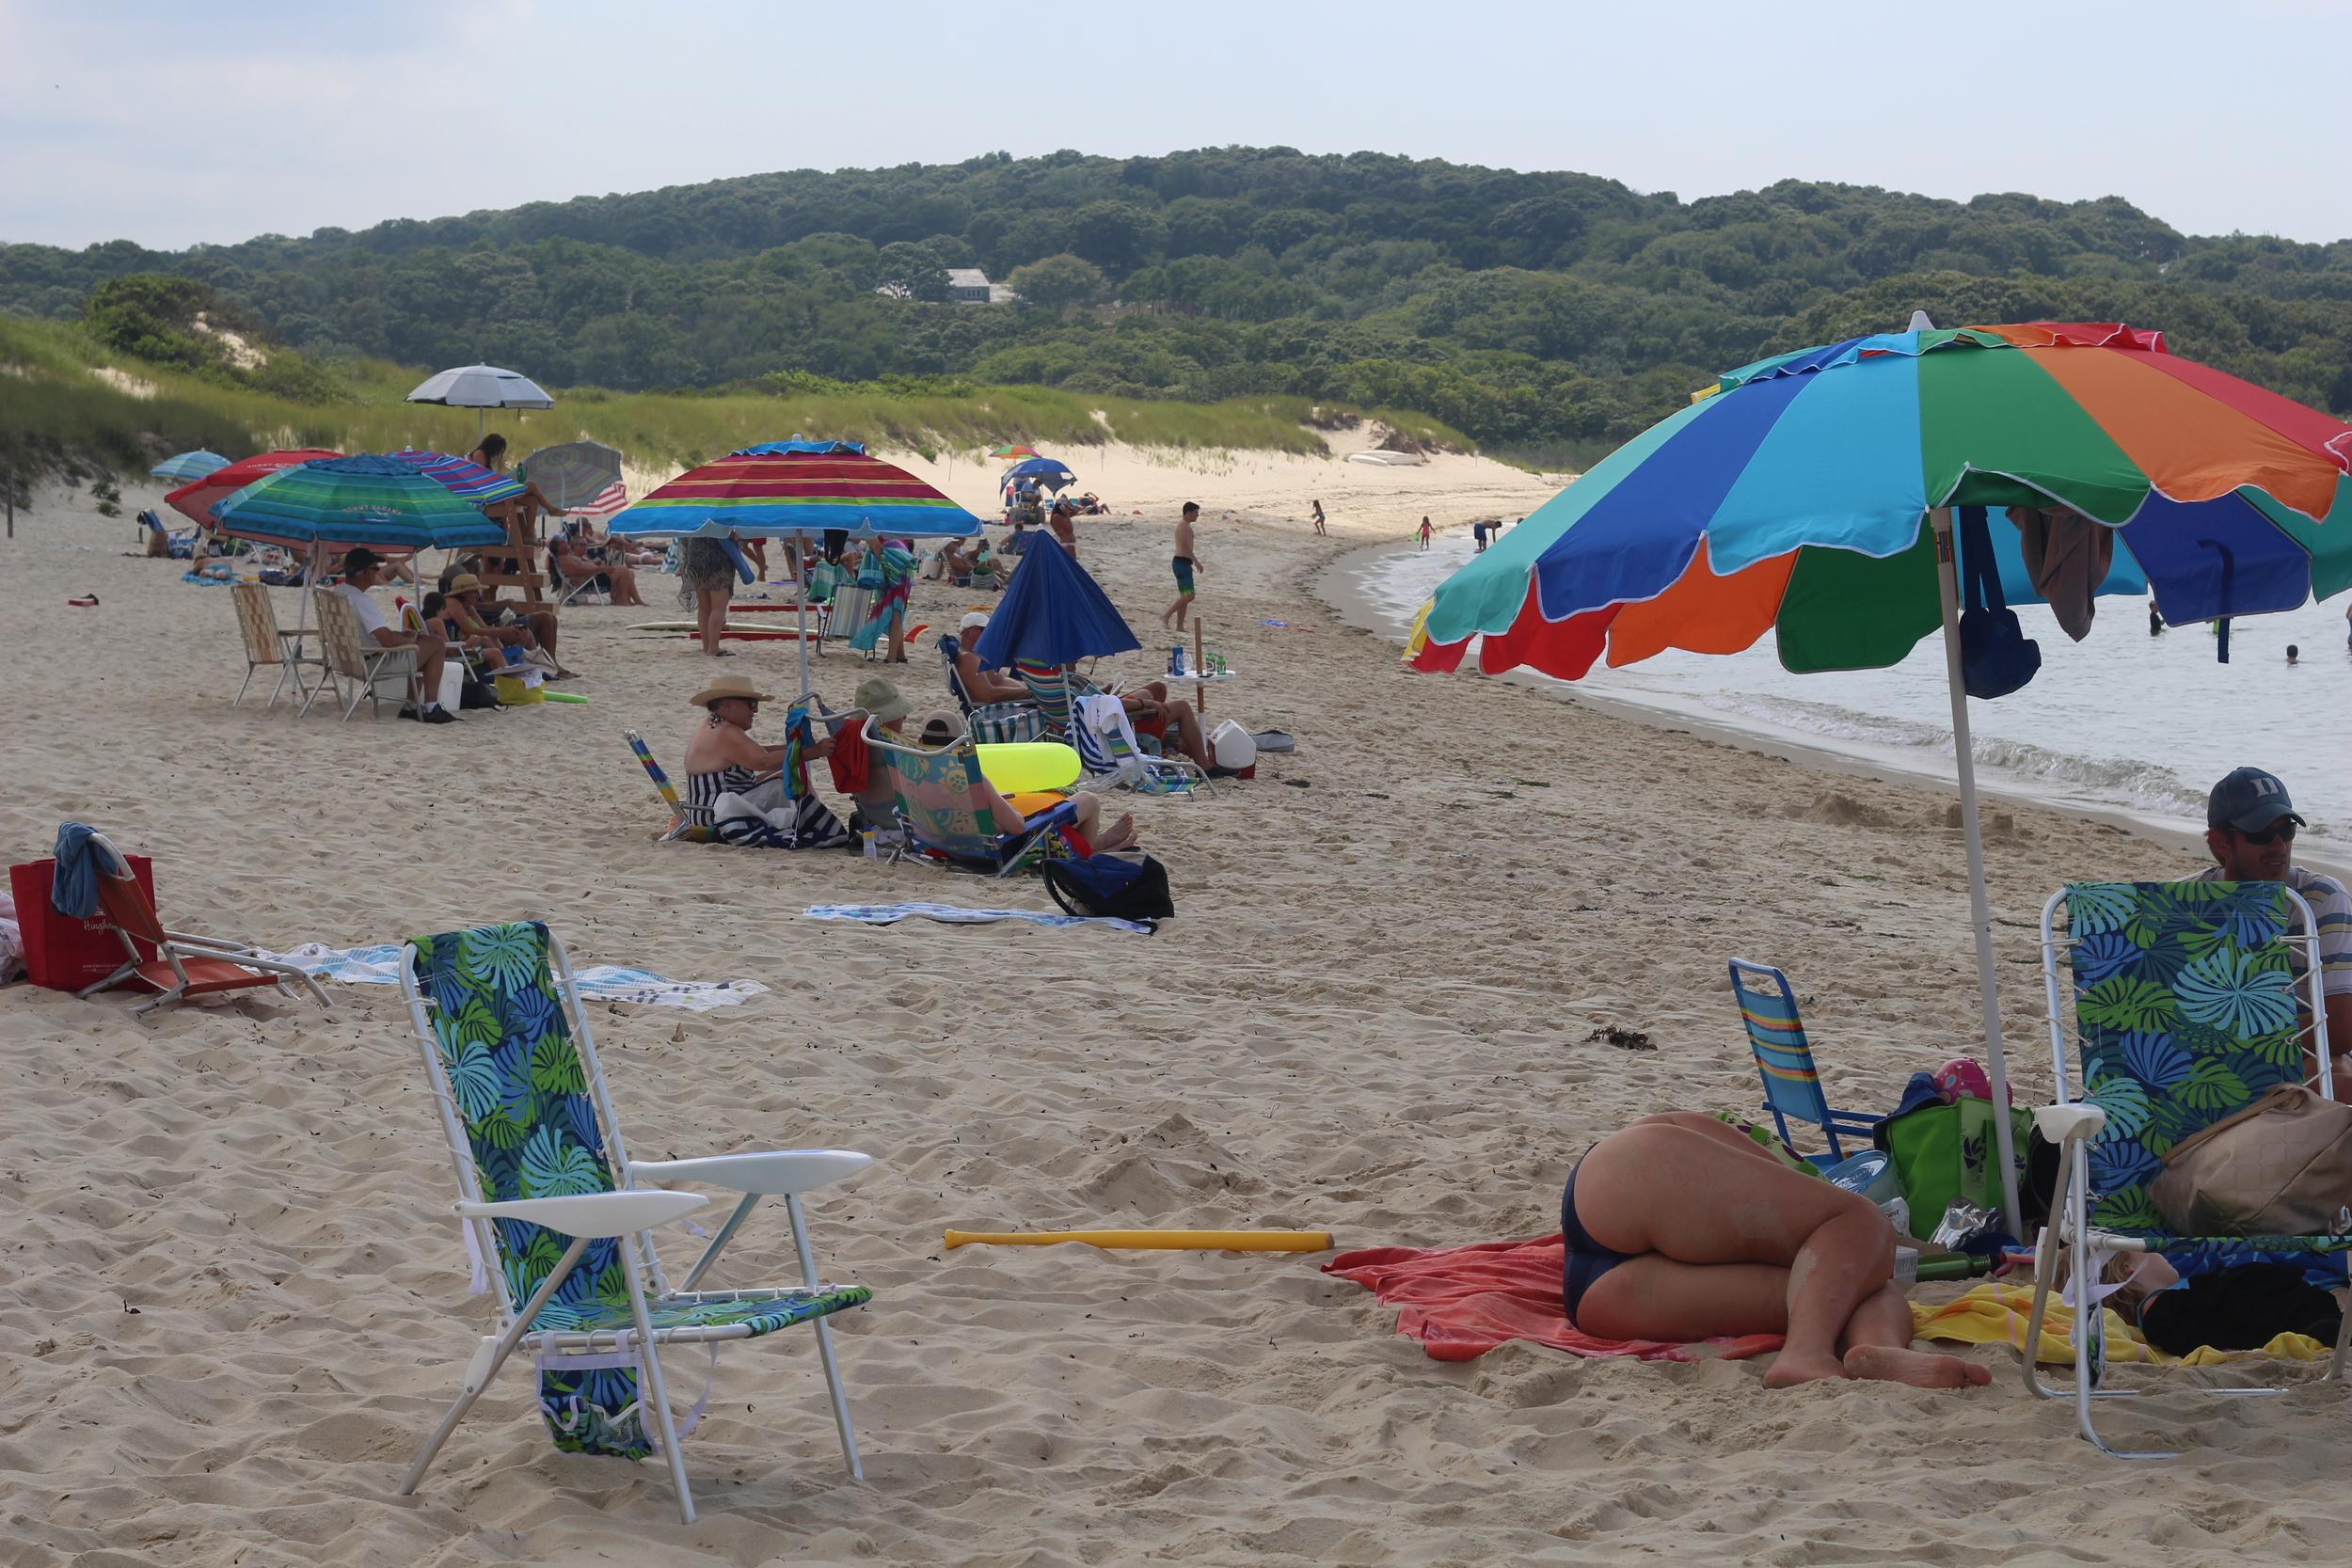 Lambert's Cove Beach at Martha's Vineyard